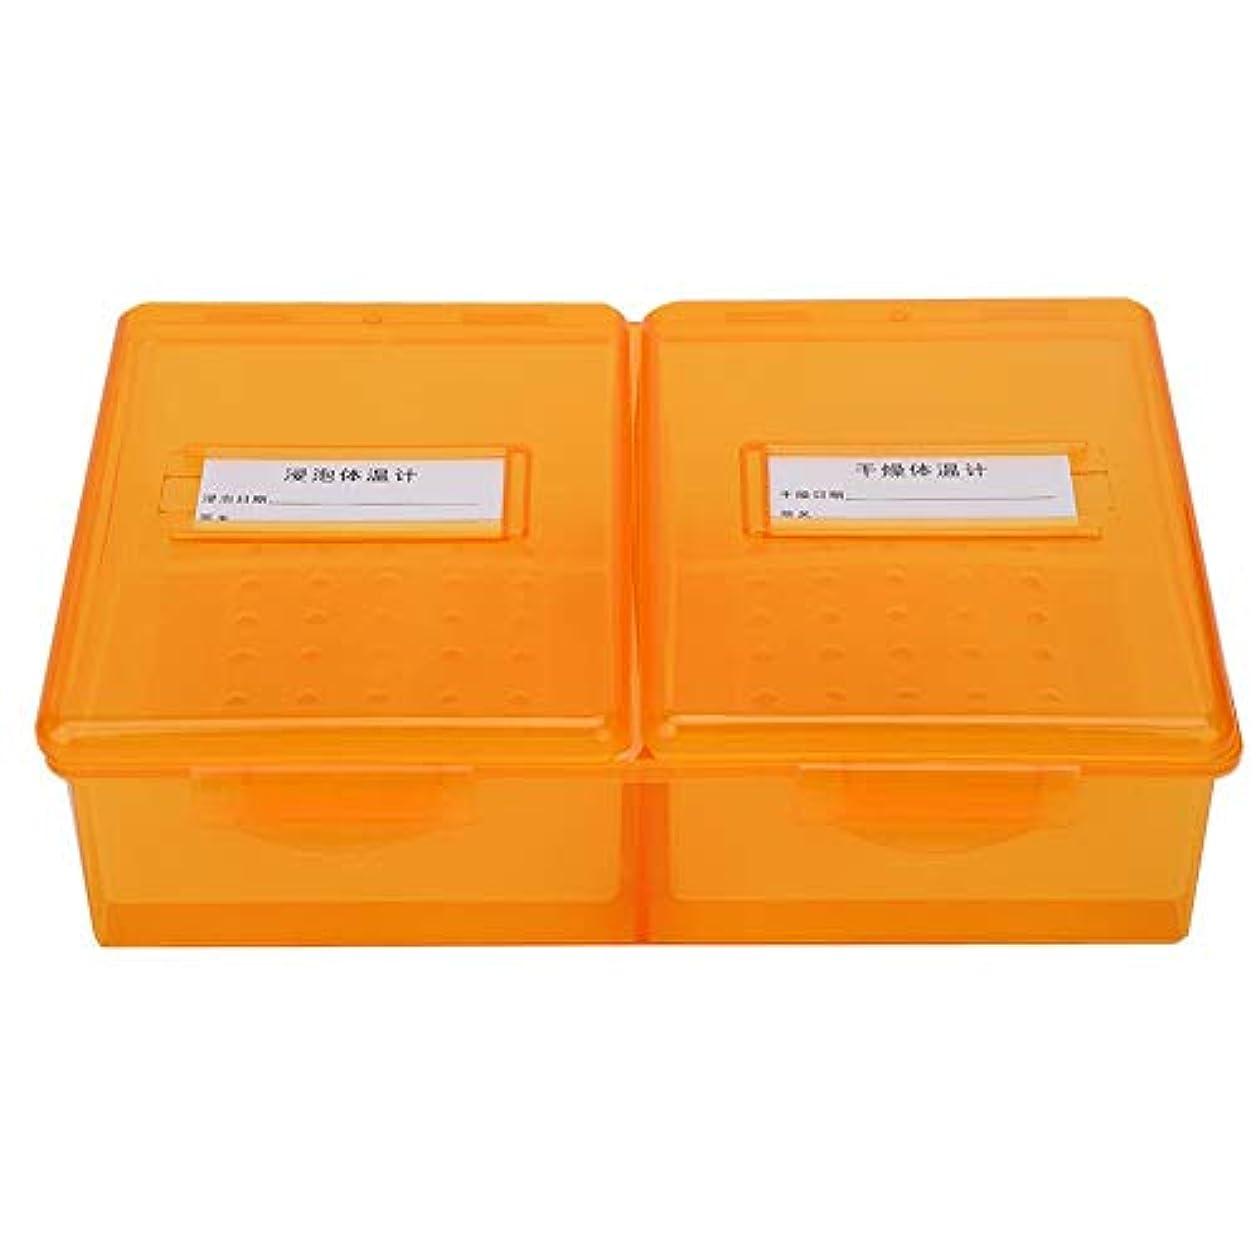 湿地口実ロードブロッキング滅菌ケース、多機能ピンセットネイルツール滅菌ボックス(オレンジ)